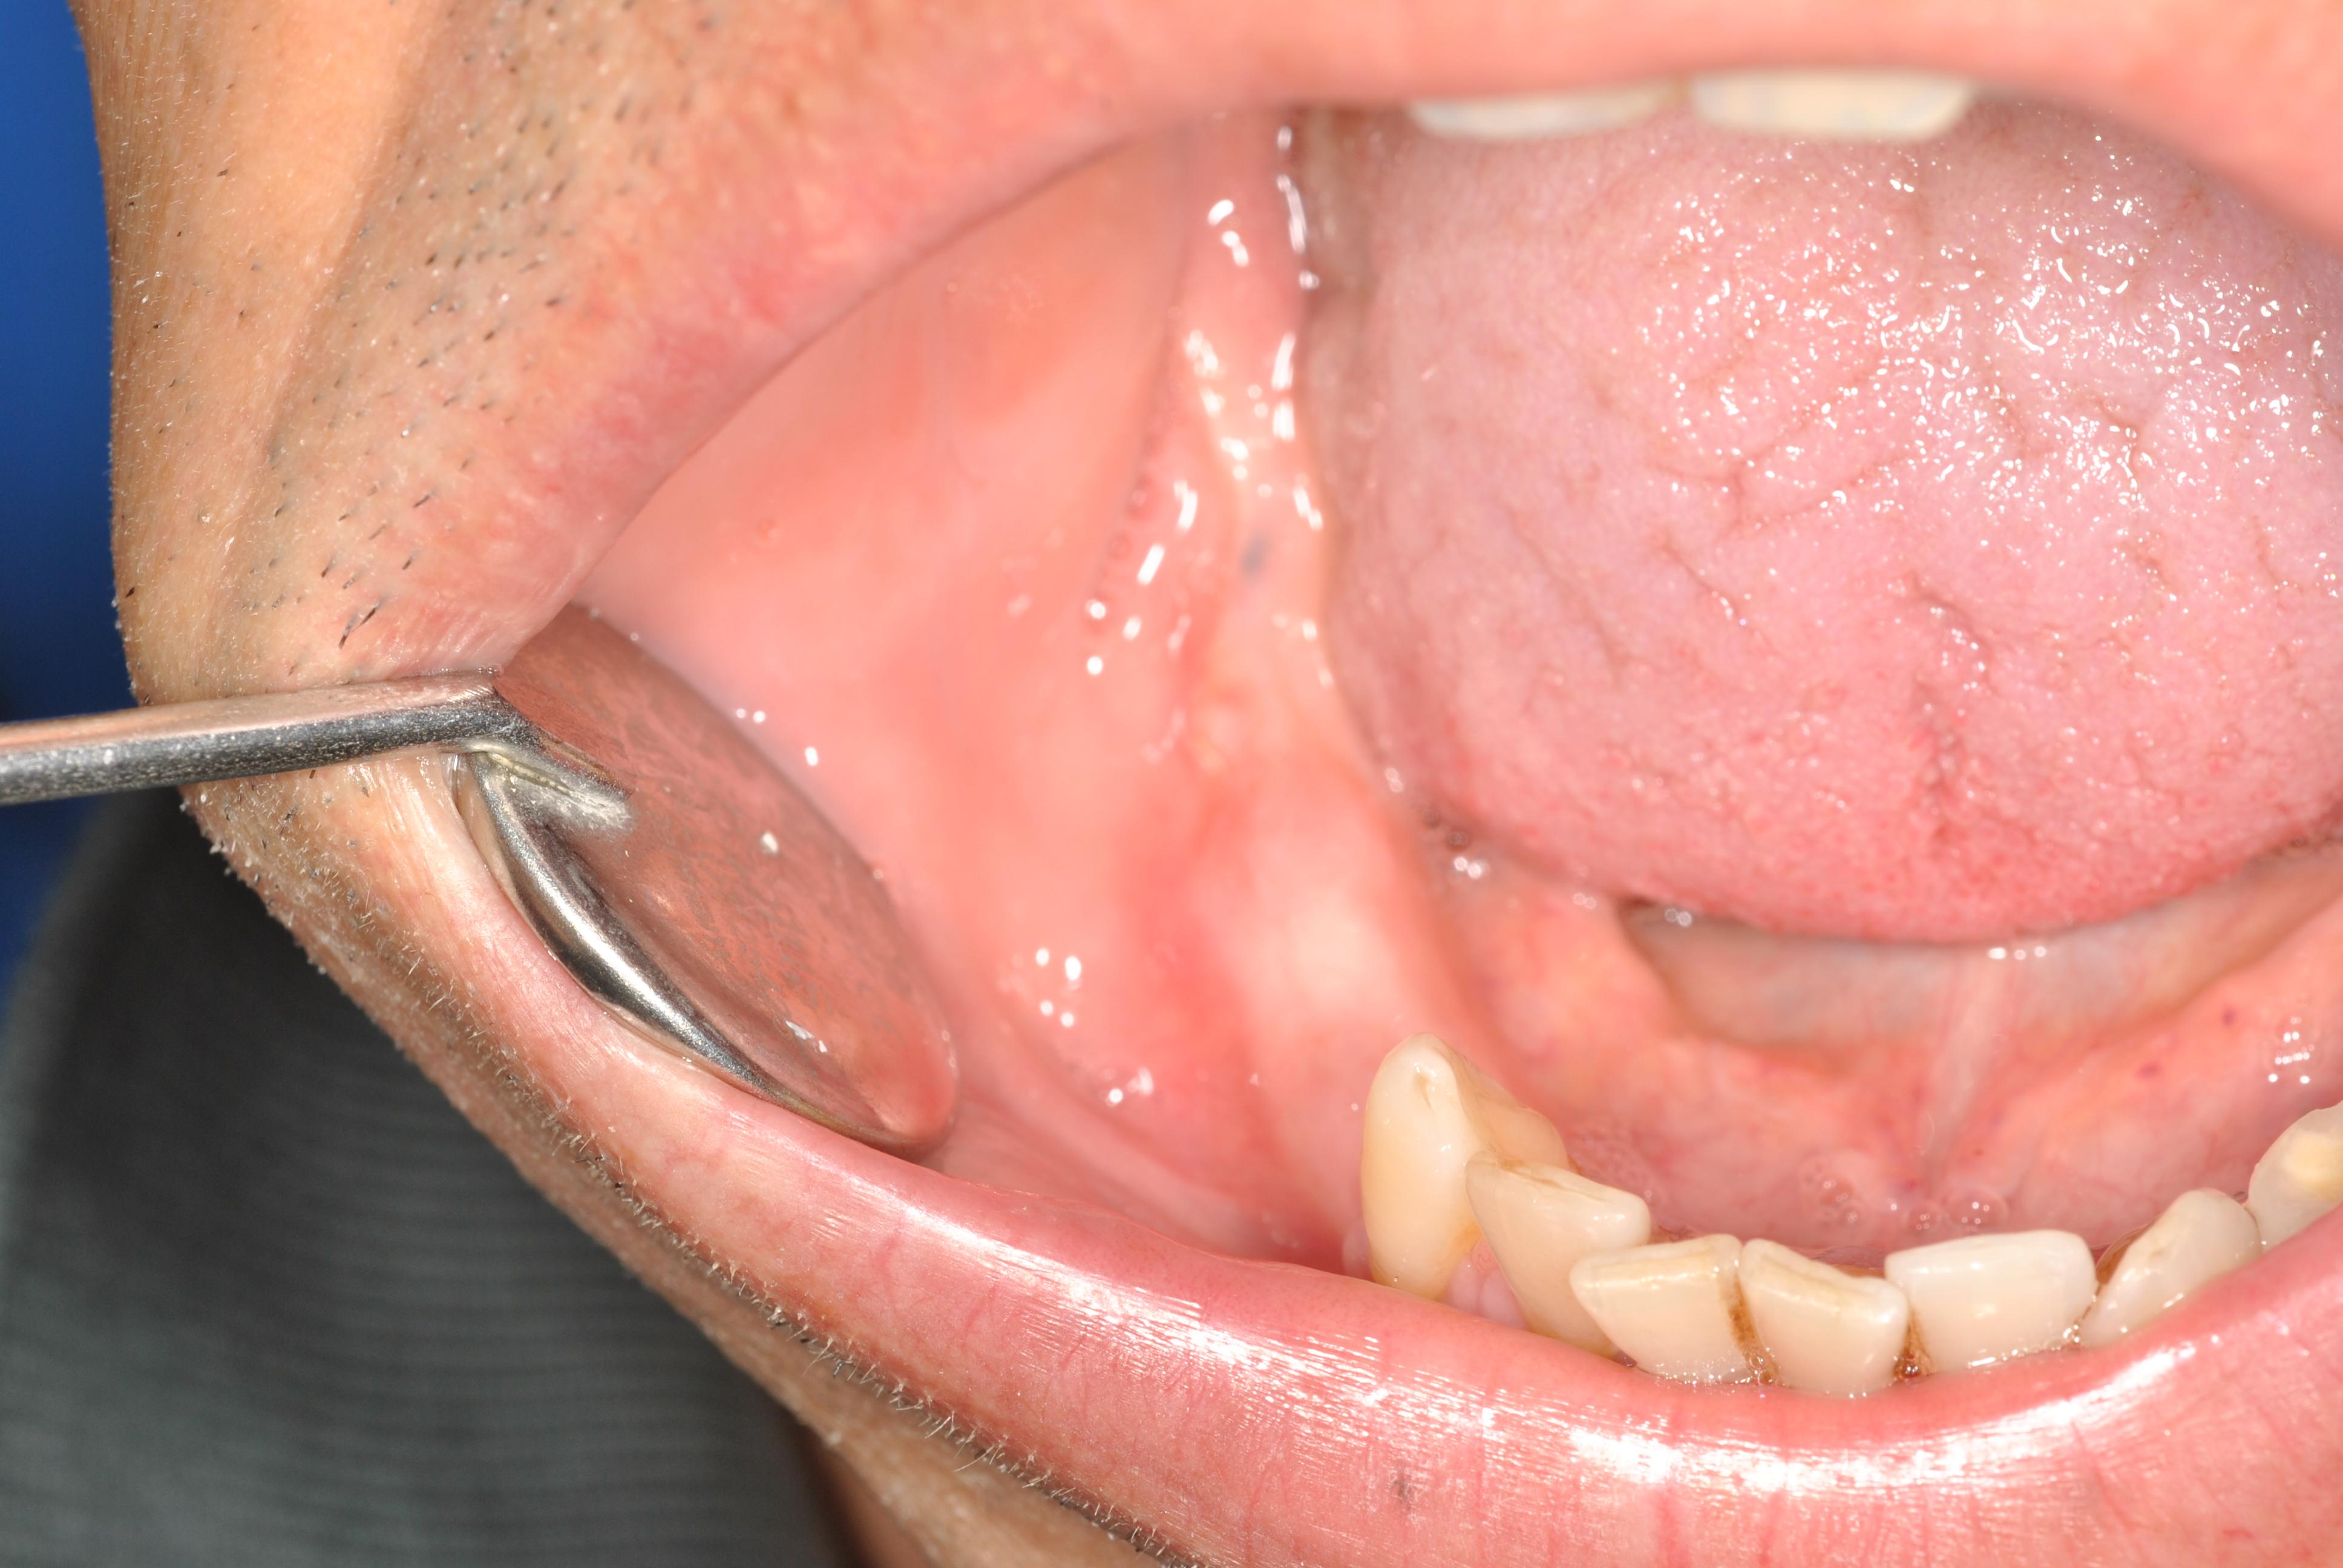 Chirurgia rigenerativa e implantologica simultanea